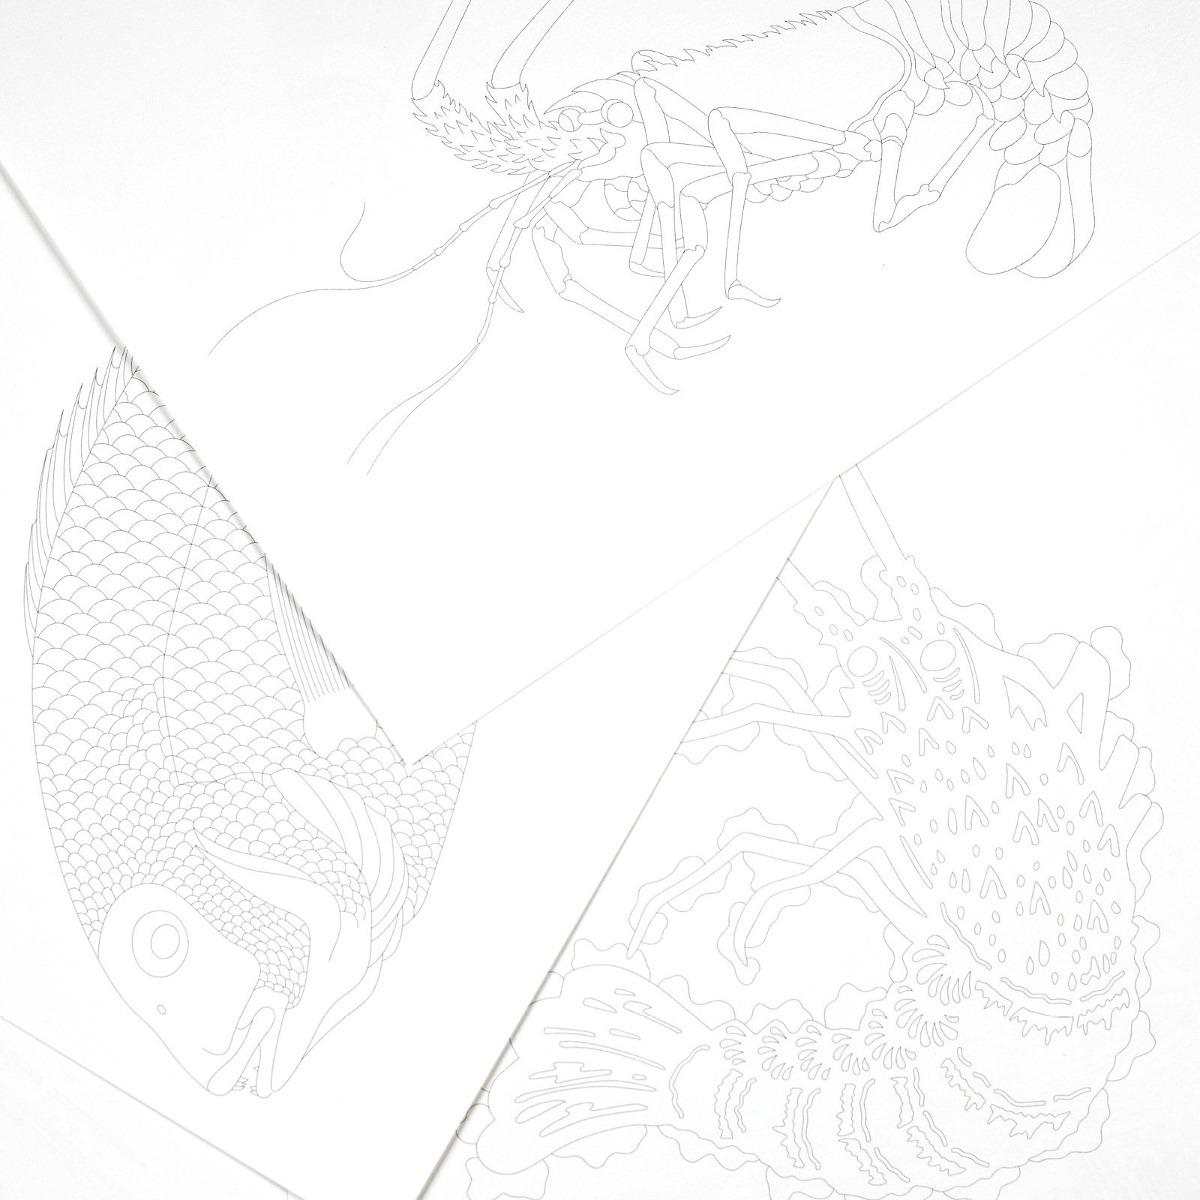 Único Colorear Artista Del Libro Colección de Imágenes - Dibujos ...